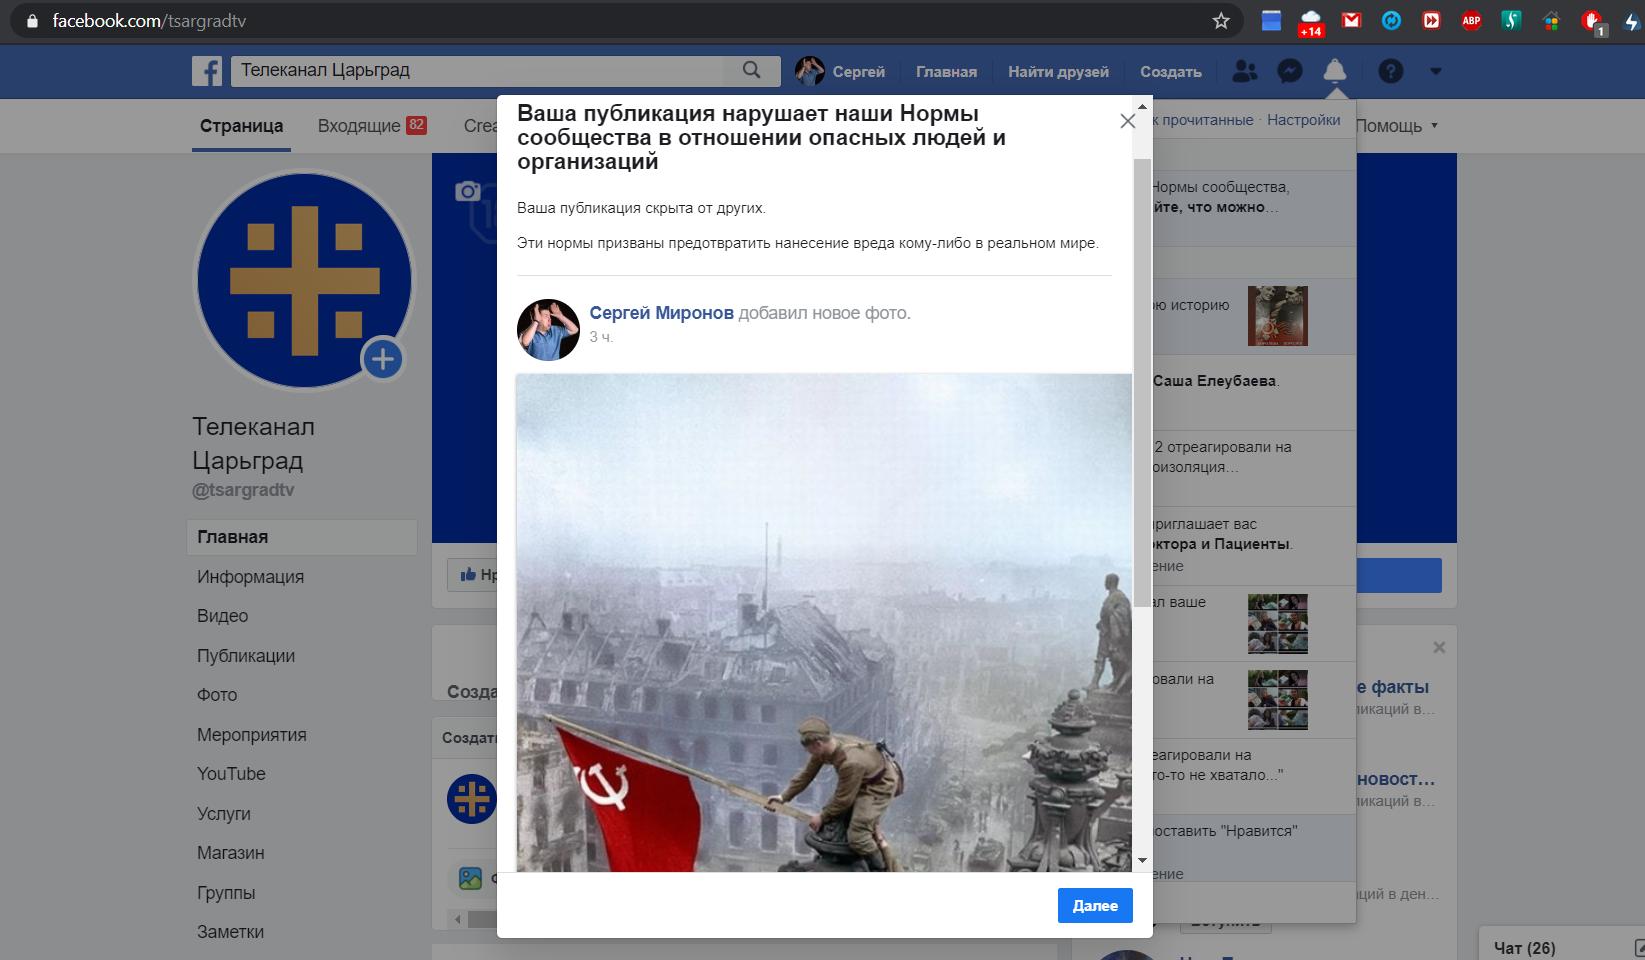 """Цифровой фашизм: Из-за чего """"Фейсбук"""" заблокировал фото Знамя Победы"""